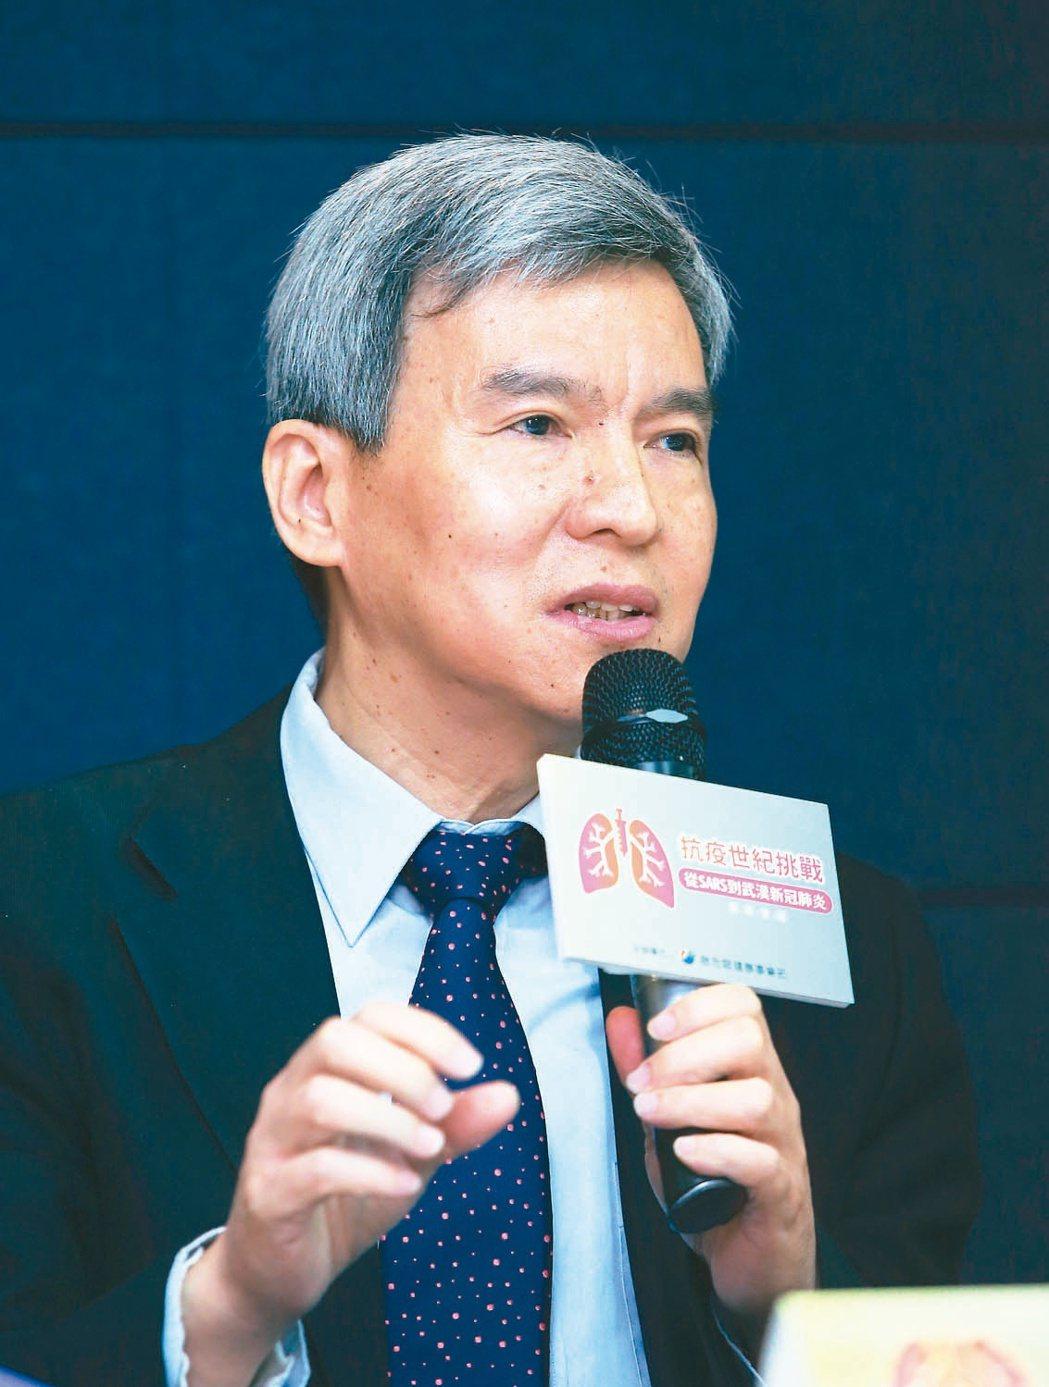 國衛院副院長司徒惠康指出,國衛院於1個多月前向疾管署取得新冠肺炎的活體病毒,研究...